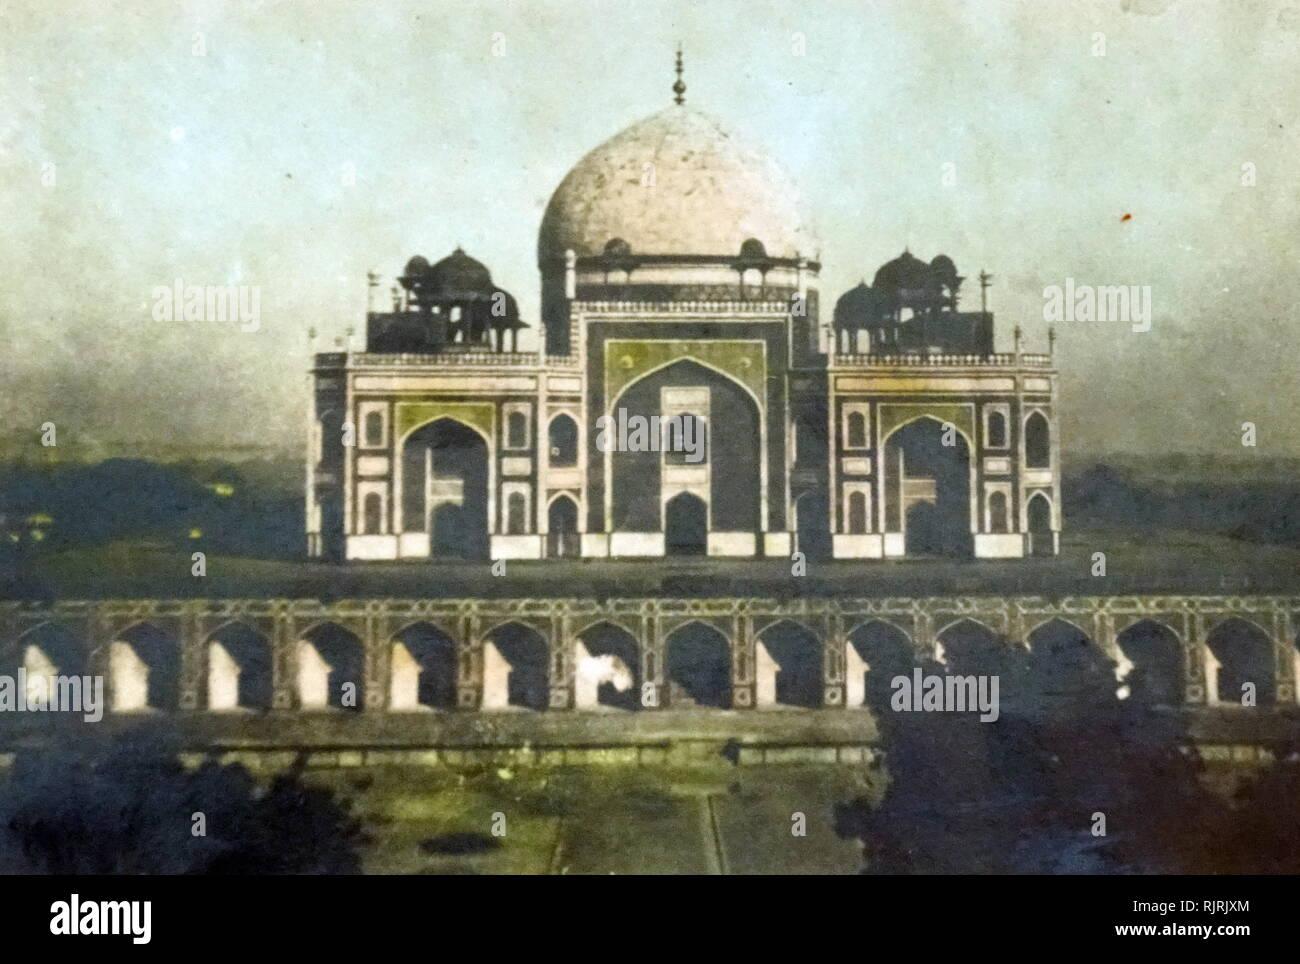 Humayun's Grabmal (Maqbaera e Humayun) ist das Grab des Mughal Kaiser Humayun in Delhi, Indien. Das Grab von Humayun's erste Frau und Chief Gemahlin, Kaiserin Bega Begum in 1569-70, in Auftrag gegebene und von mirak Mirza Ghiyas und sein Sohn, Sayyid Muhammad konzipiert. Es war der erste Garten-Grab auf dem Indischen Subkontinent und in Nizamuddin Osten, Delhi, Indien. Stockbild